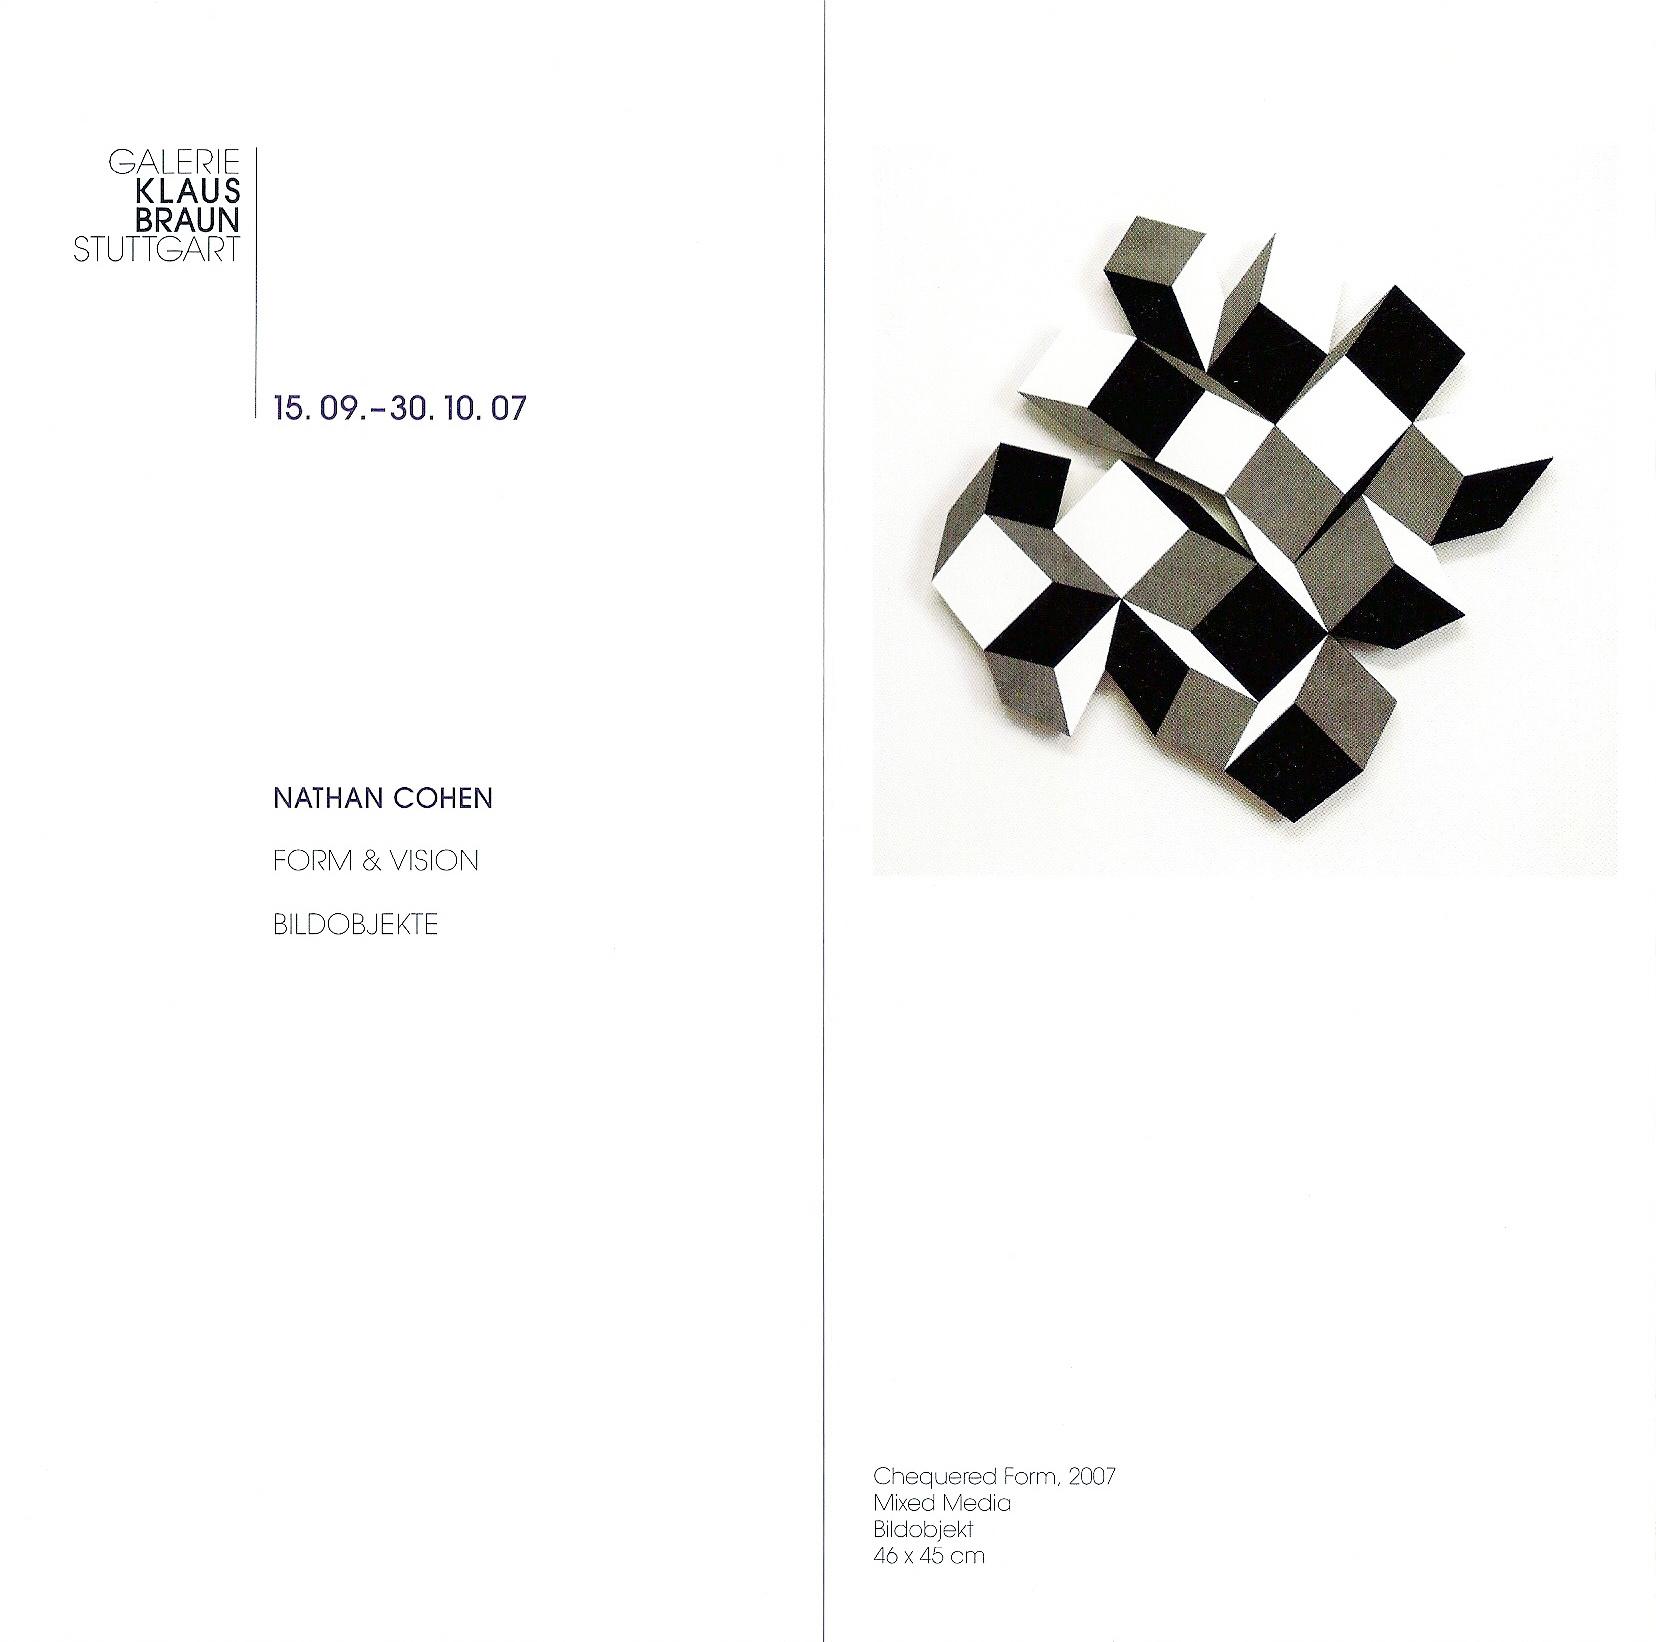 2007 Galerie Klaus Braun GRID 1 IMAGE 1.jpg